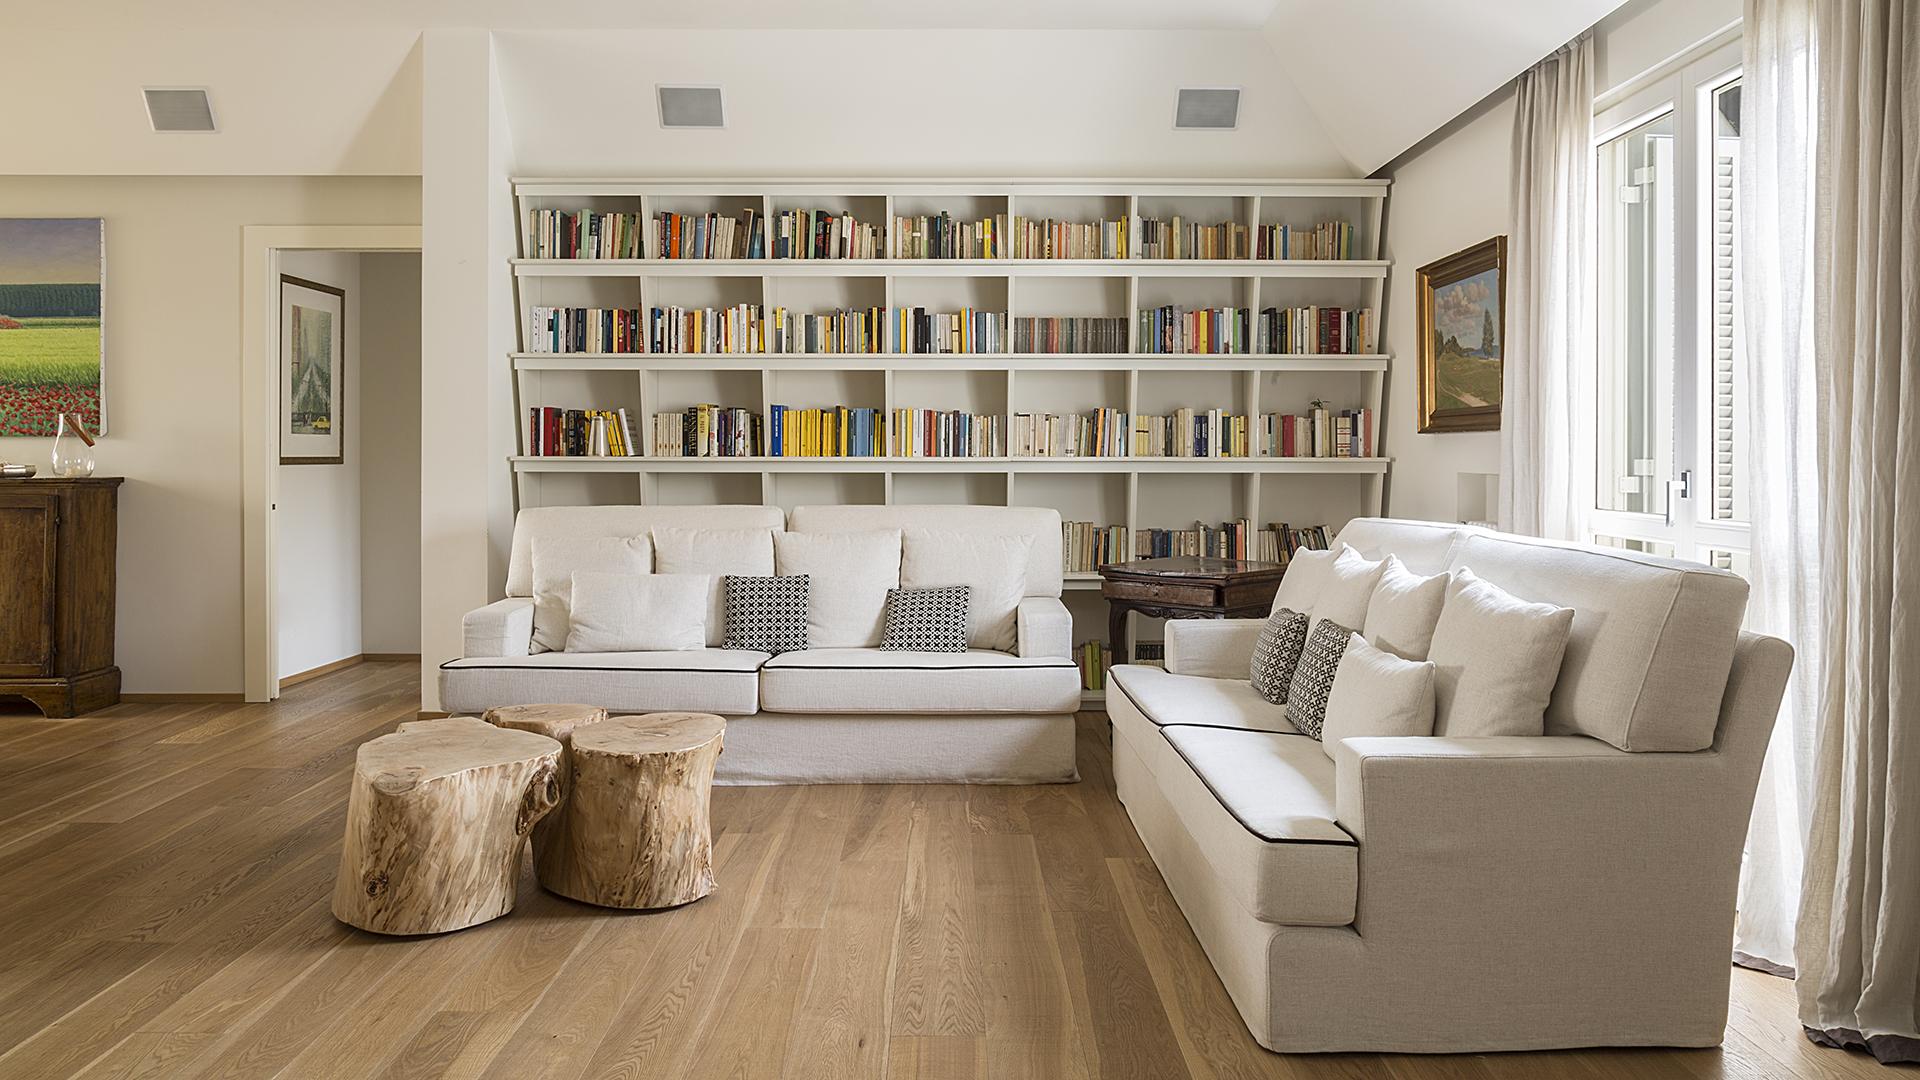 Casa privata 300 antonella tesei architetto milano for Design di interni milano